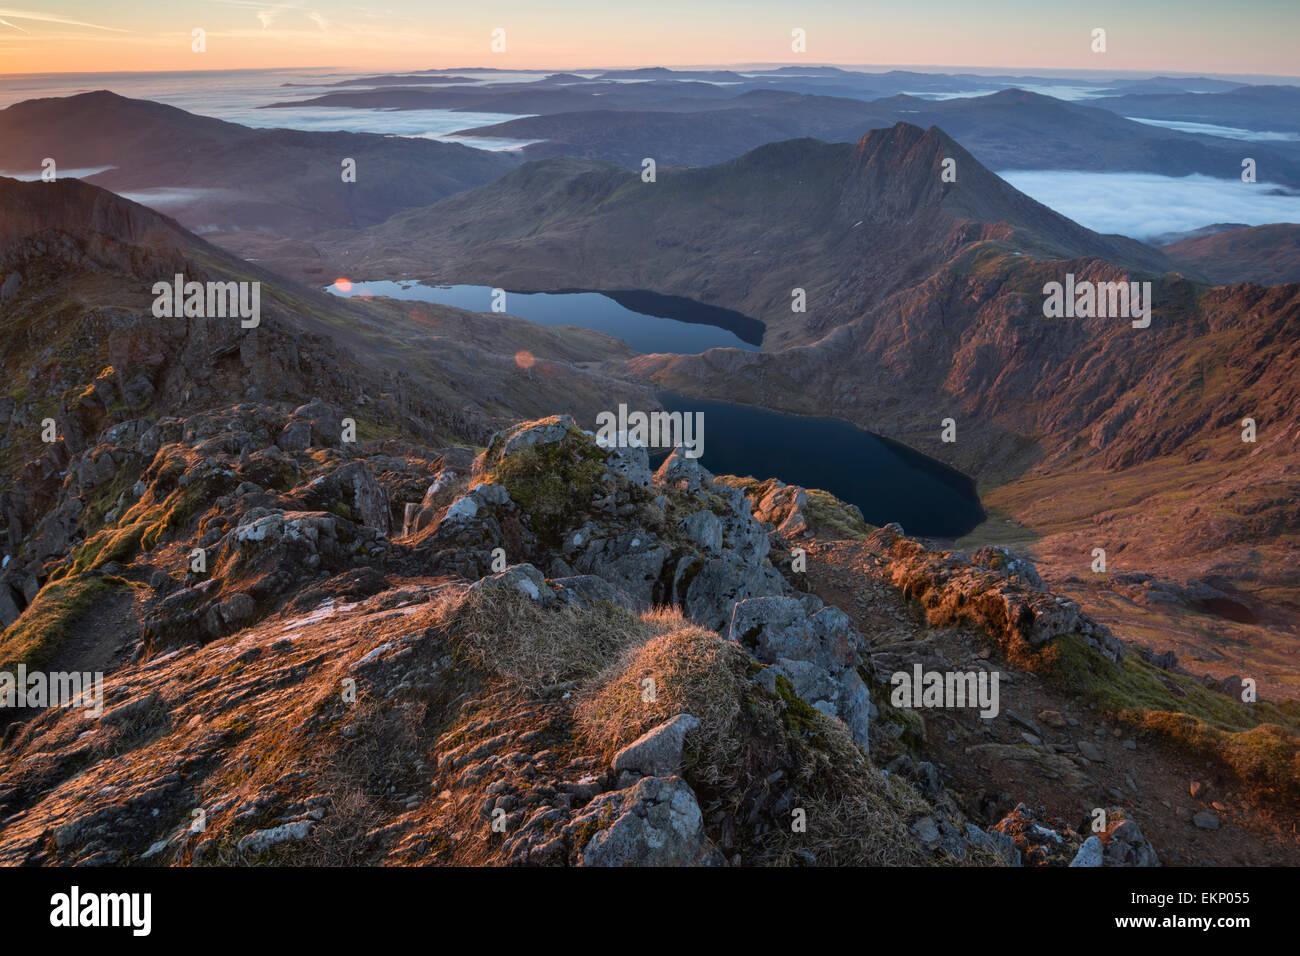 Looking down the Snowdon Massif at dawn, Snowdonia National Park, Wales, UK Stock Photo